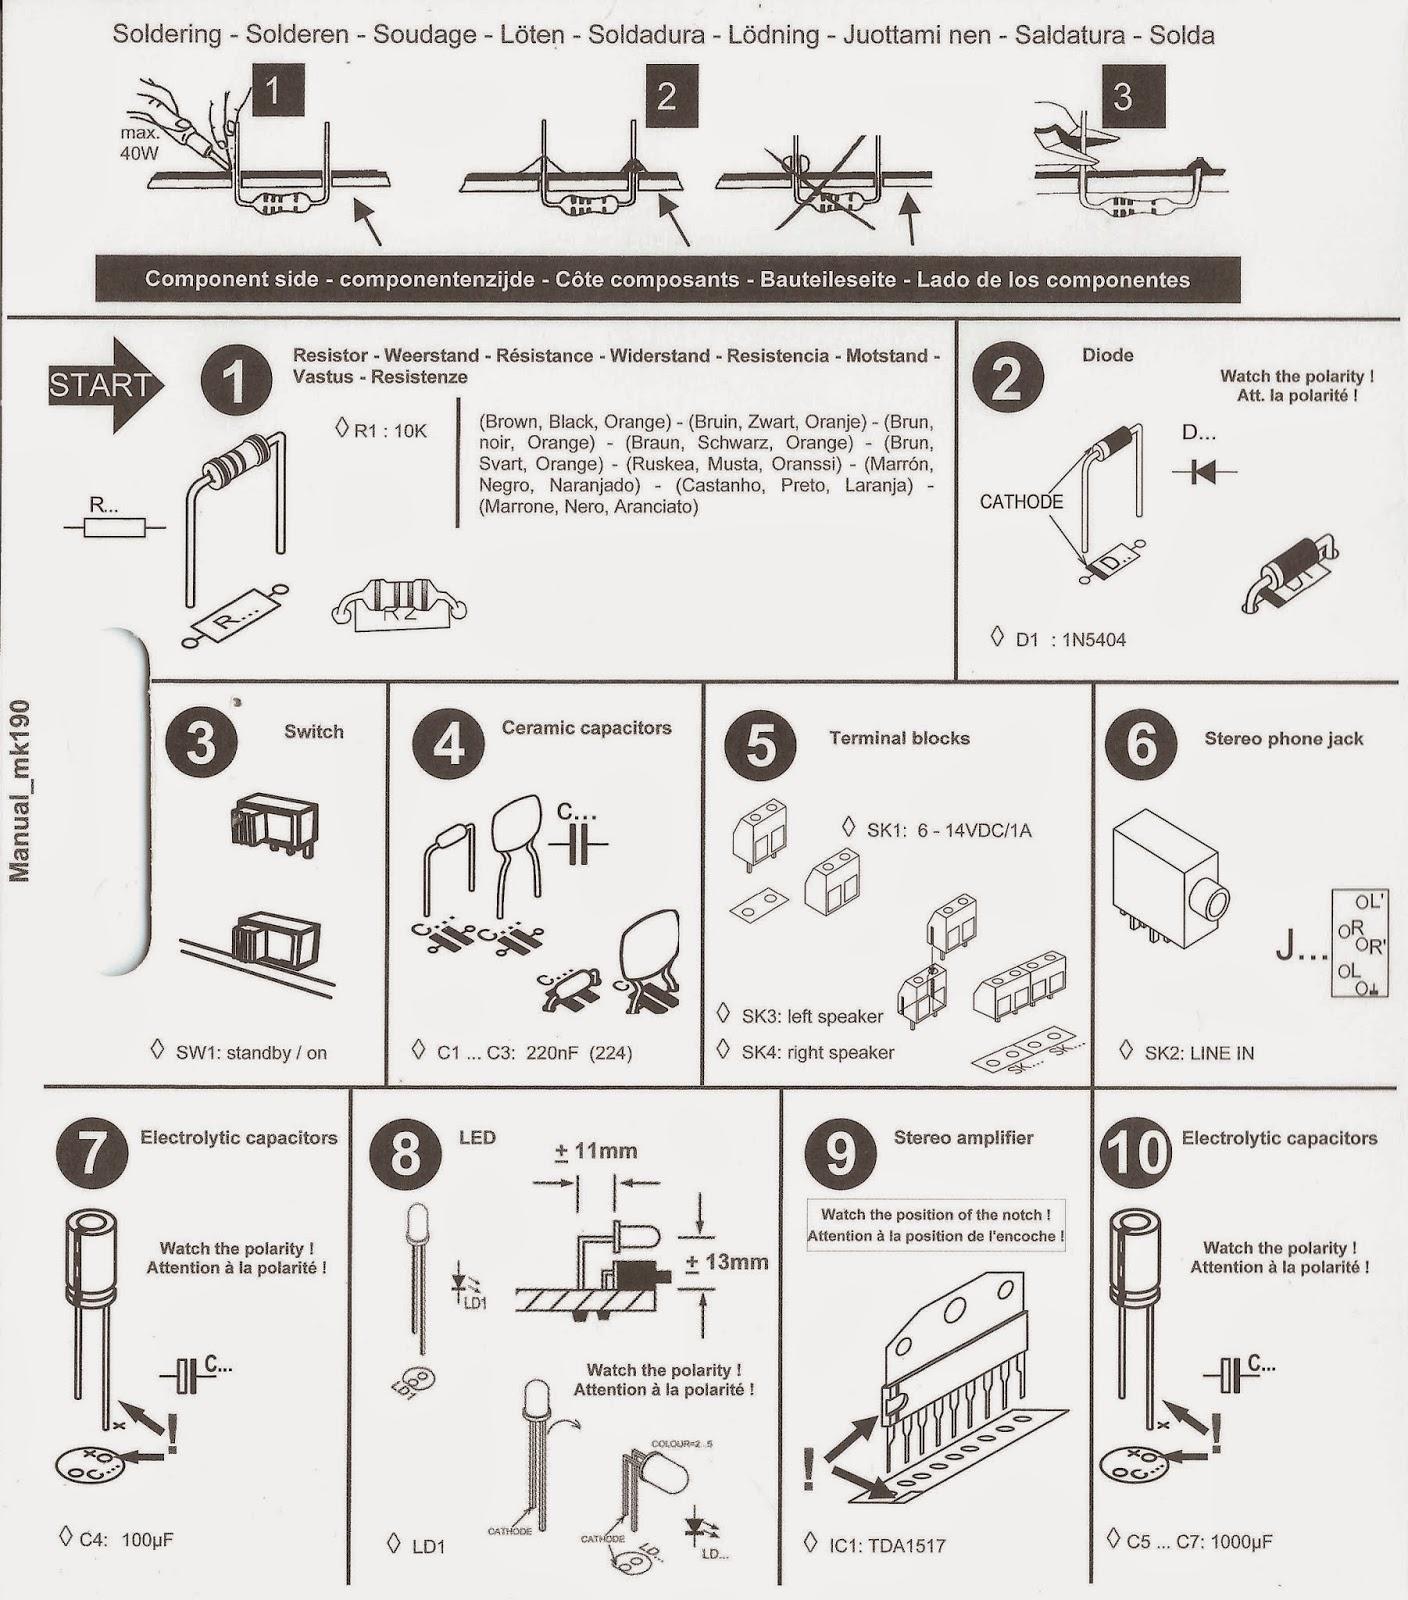 MK190 manual